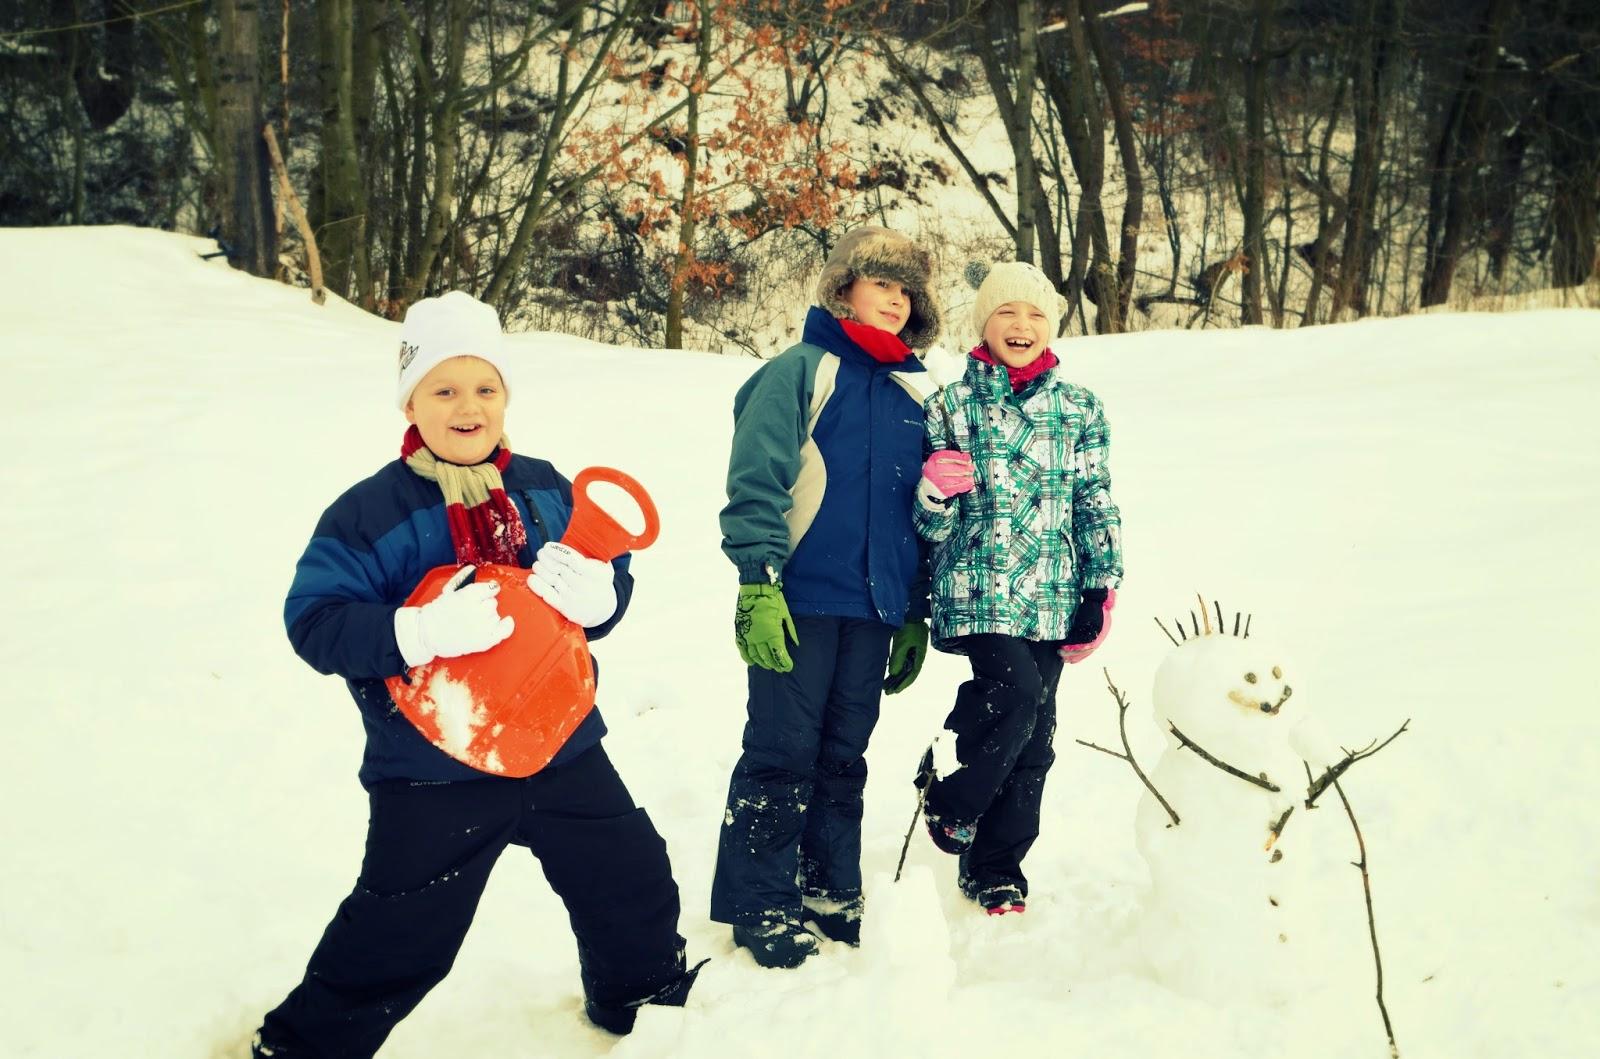 ferie z dzieckiem w górach, ferie, góry, zjazd, sanki, Beskidy, zima